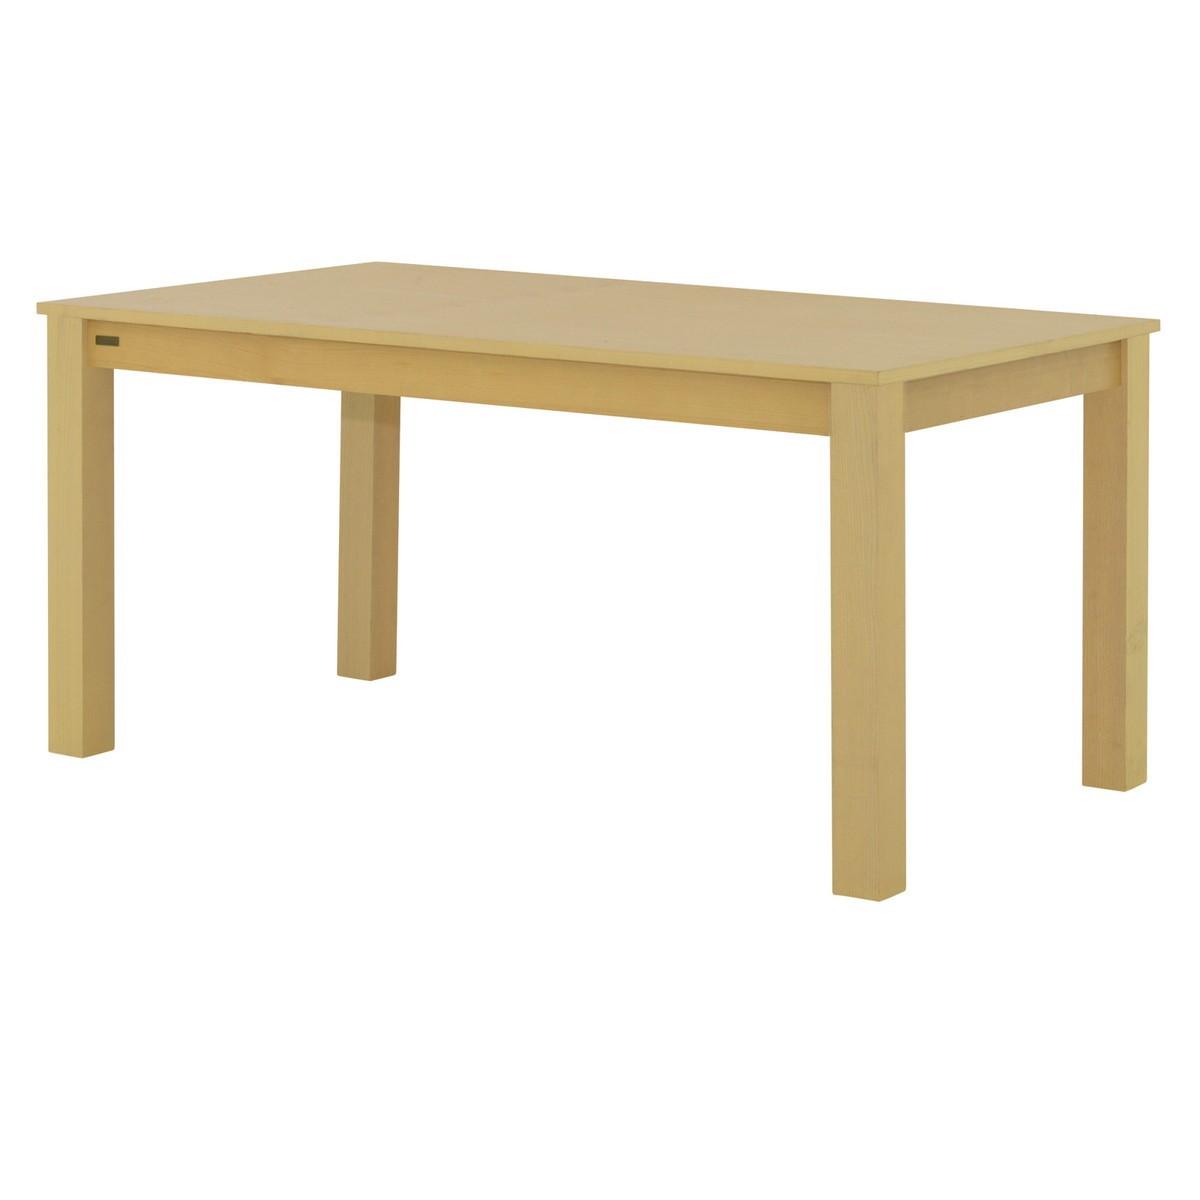 UMBIE ランビー ダイニングテーブル 4人掛け 140cm幅 ナチュラル